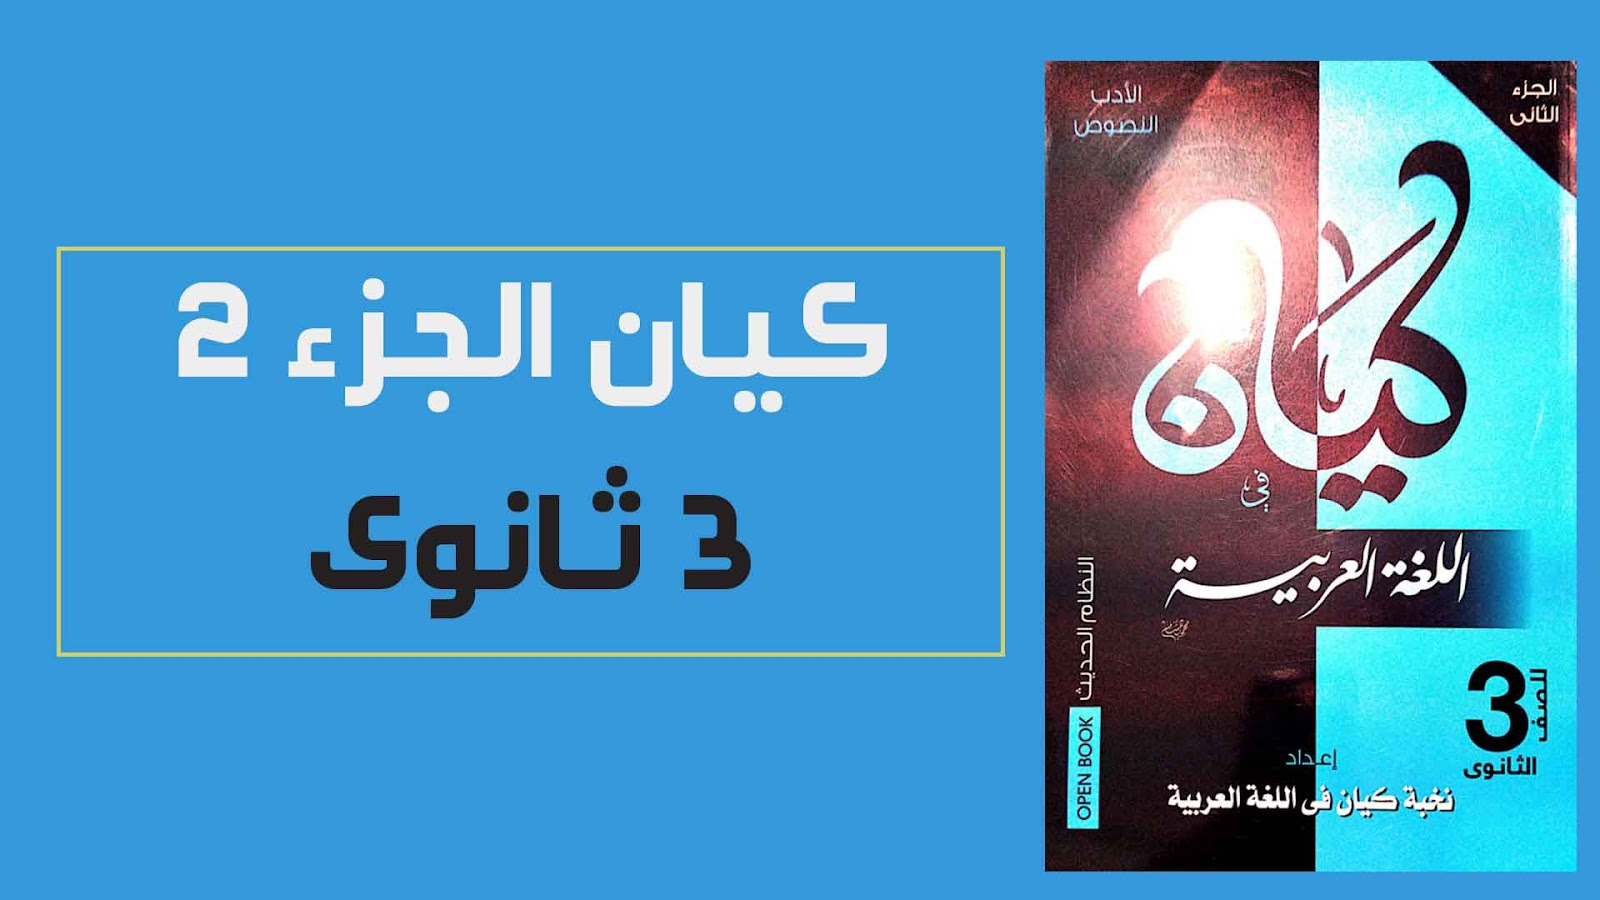 تحميل كتاب كيان فى اللغة العربية pdf للصف الثالث الثانوى 2022 (الجزء الثانى:كتاب الأدب والنصوص كامل)